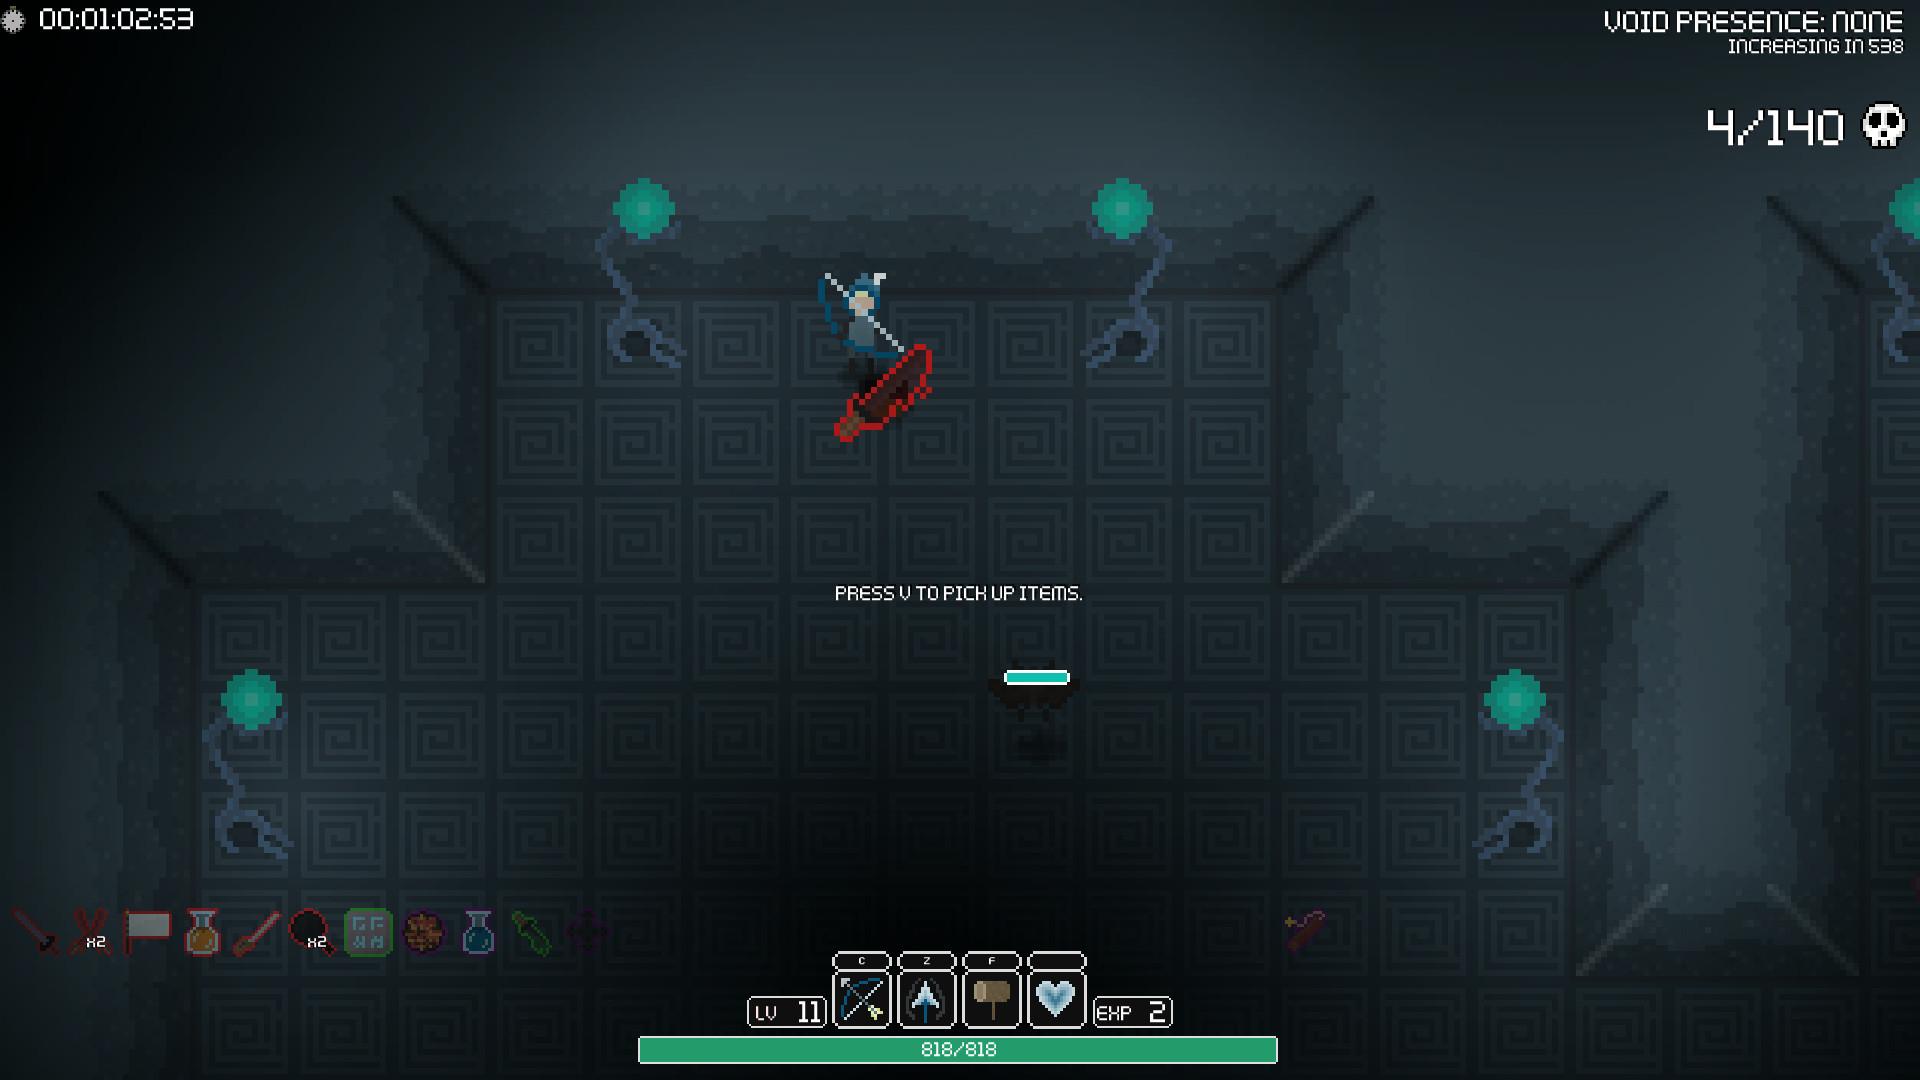 Outrealm Screenshot 5